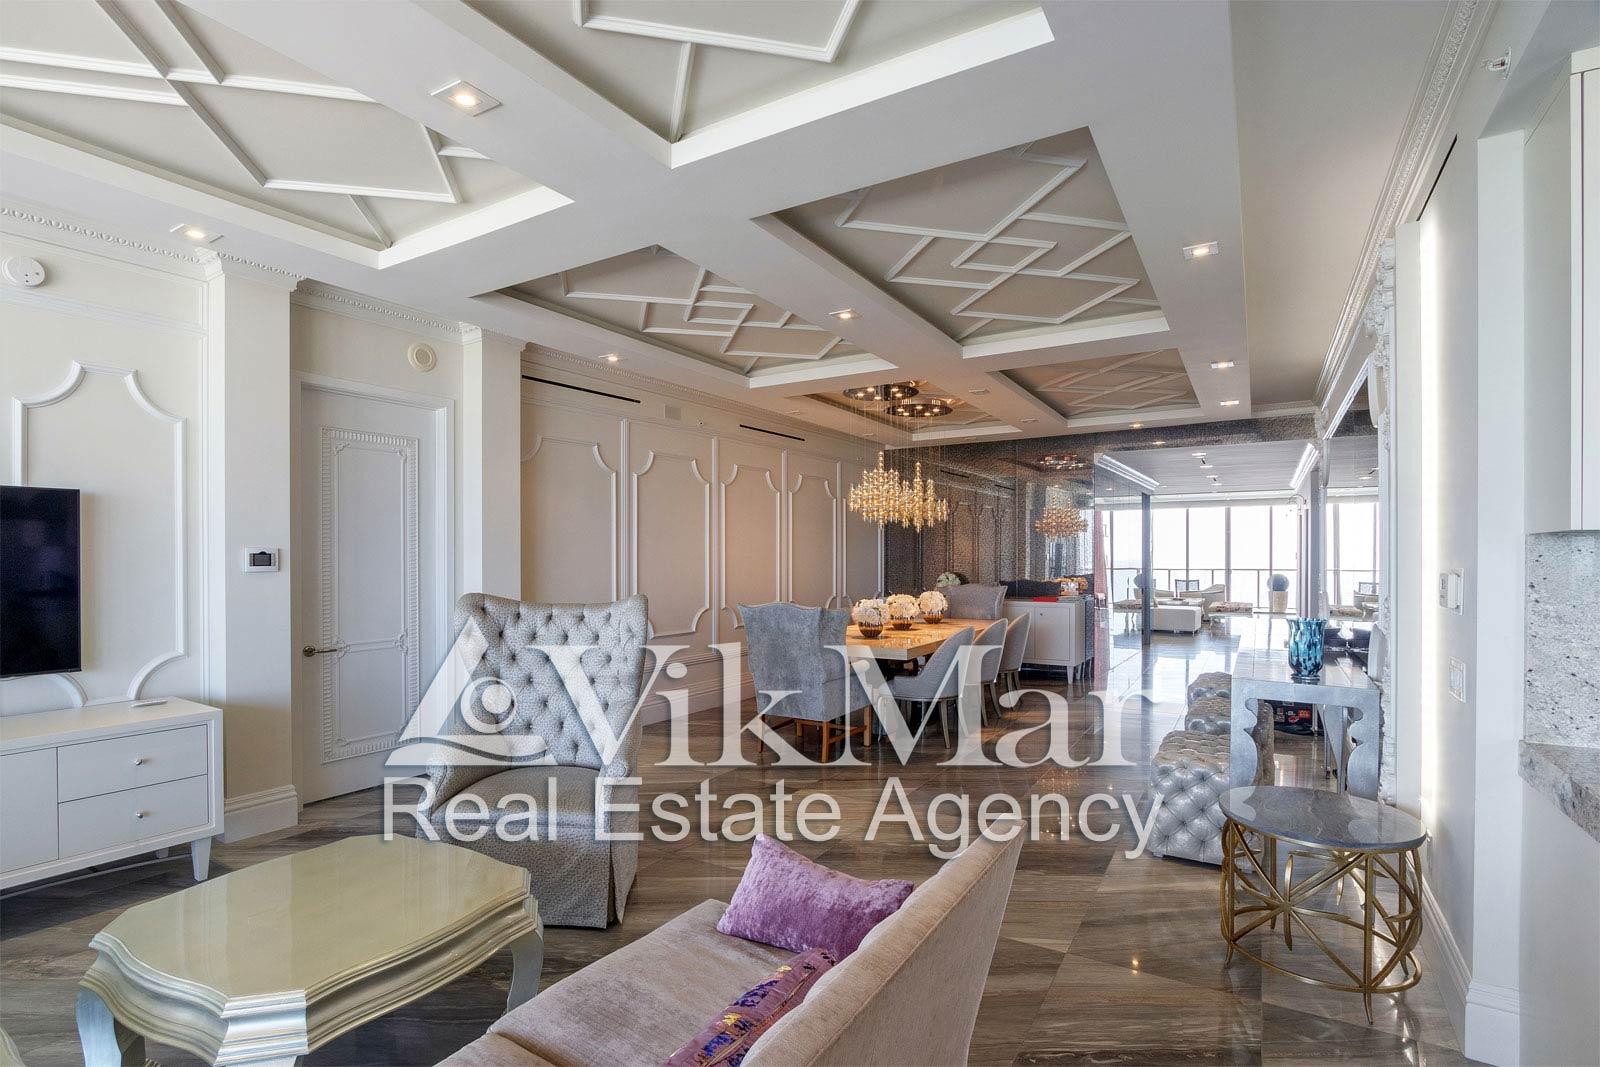 Elite interior apartments 100